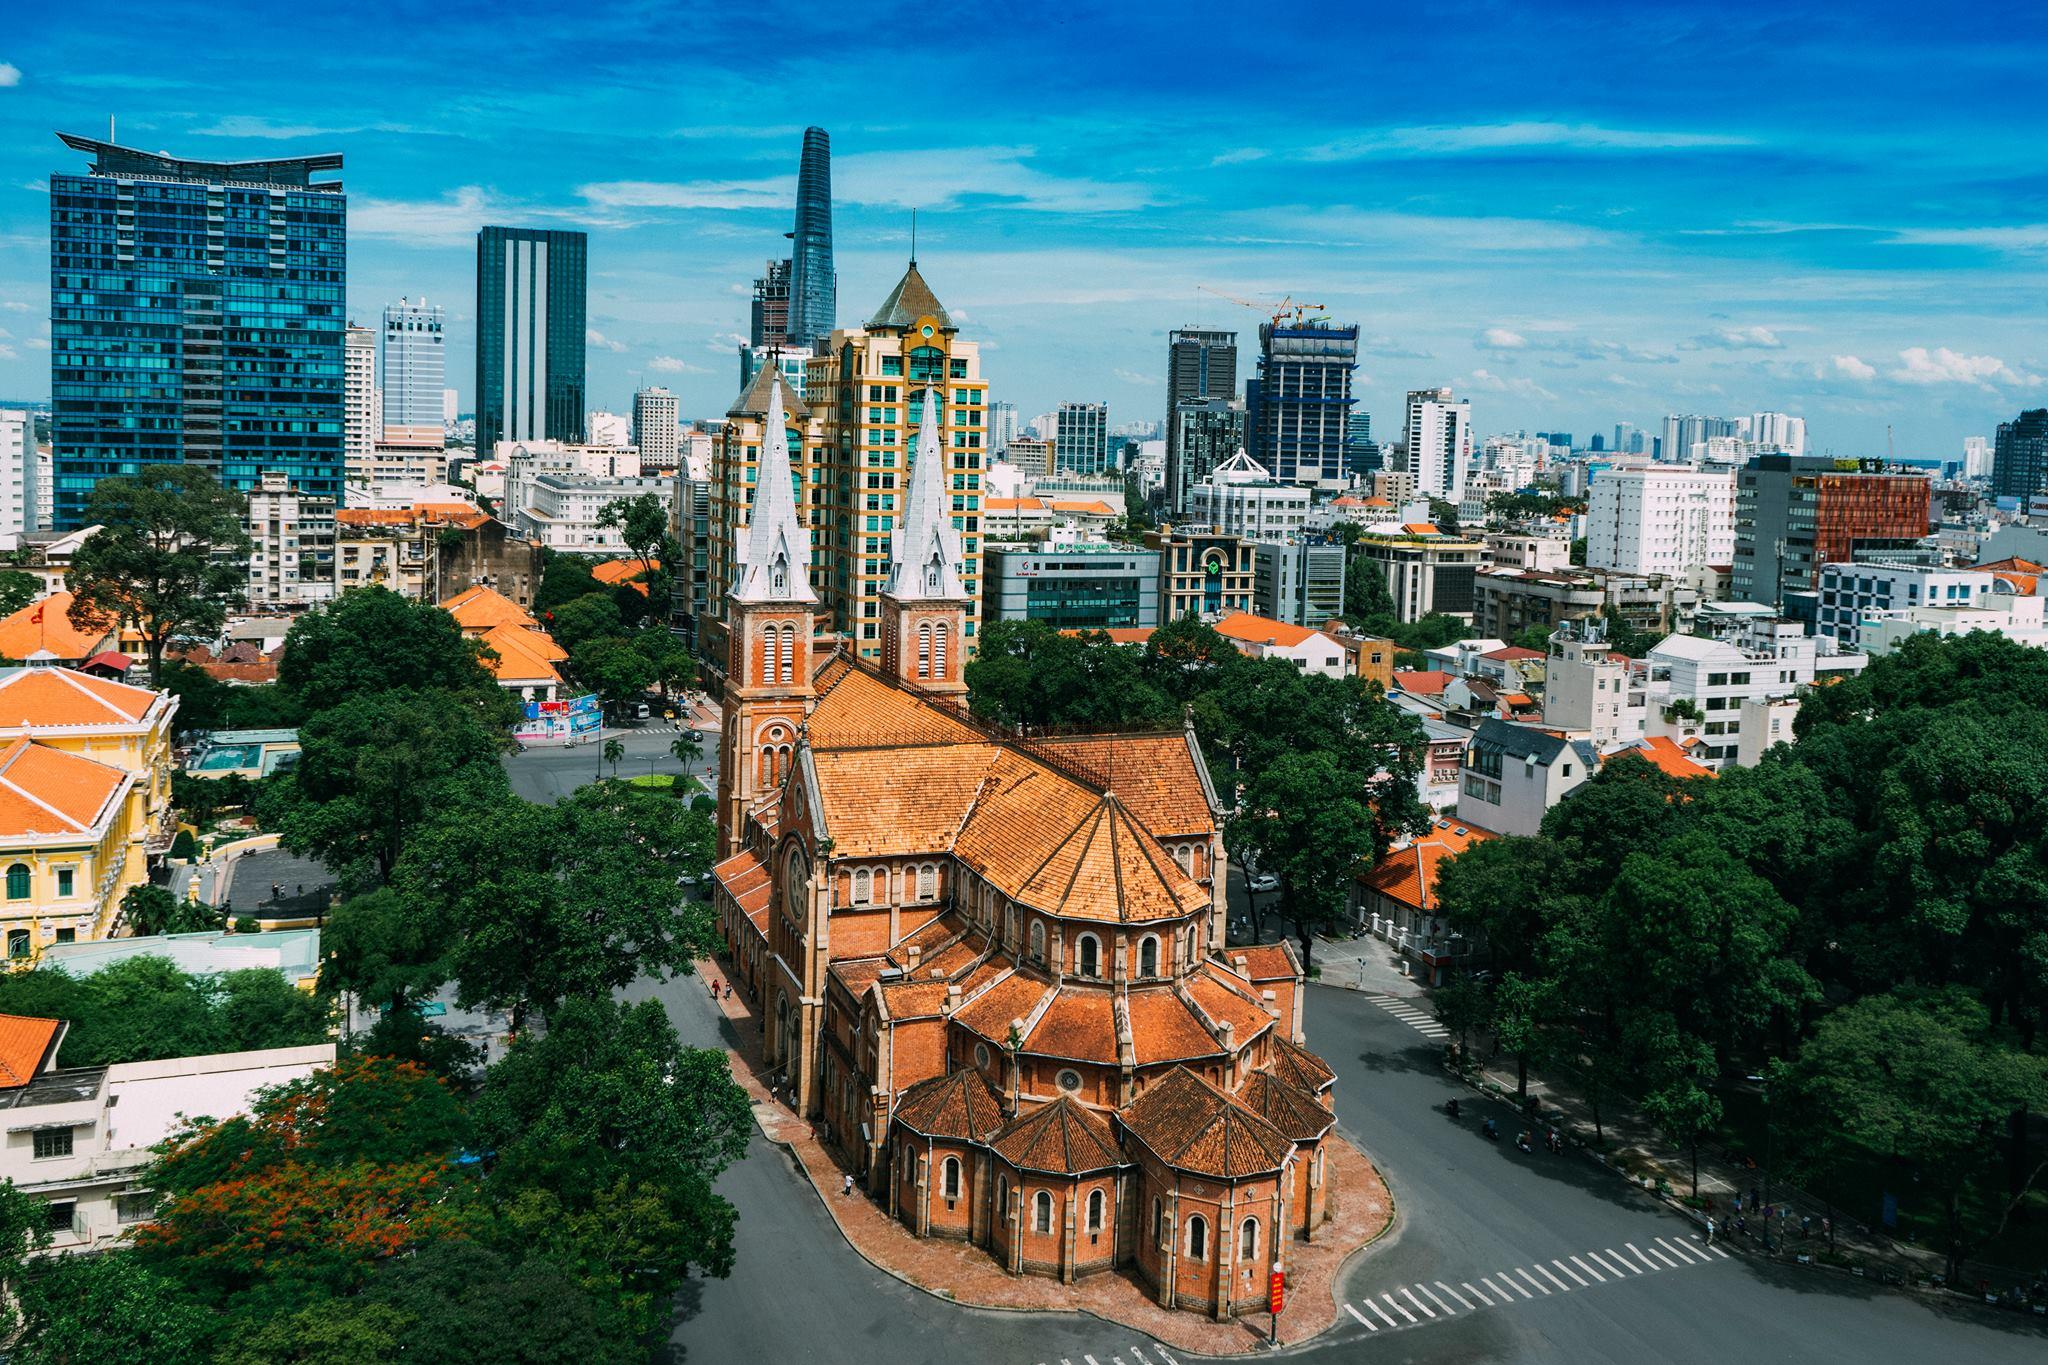 Bộ ảnh bình dị – Có một Sài Gòn thân thương như vậy